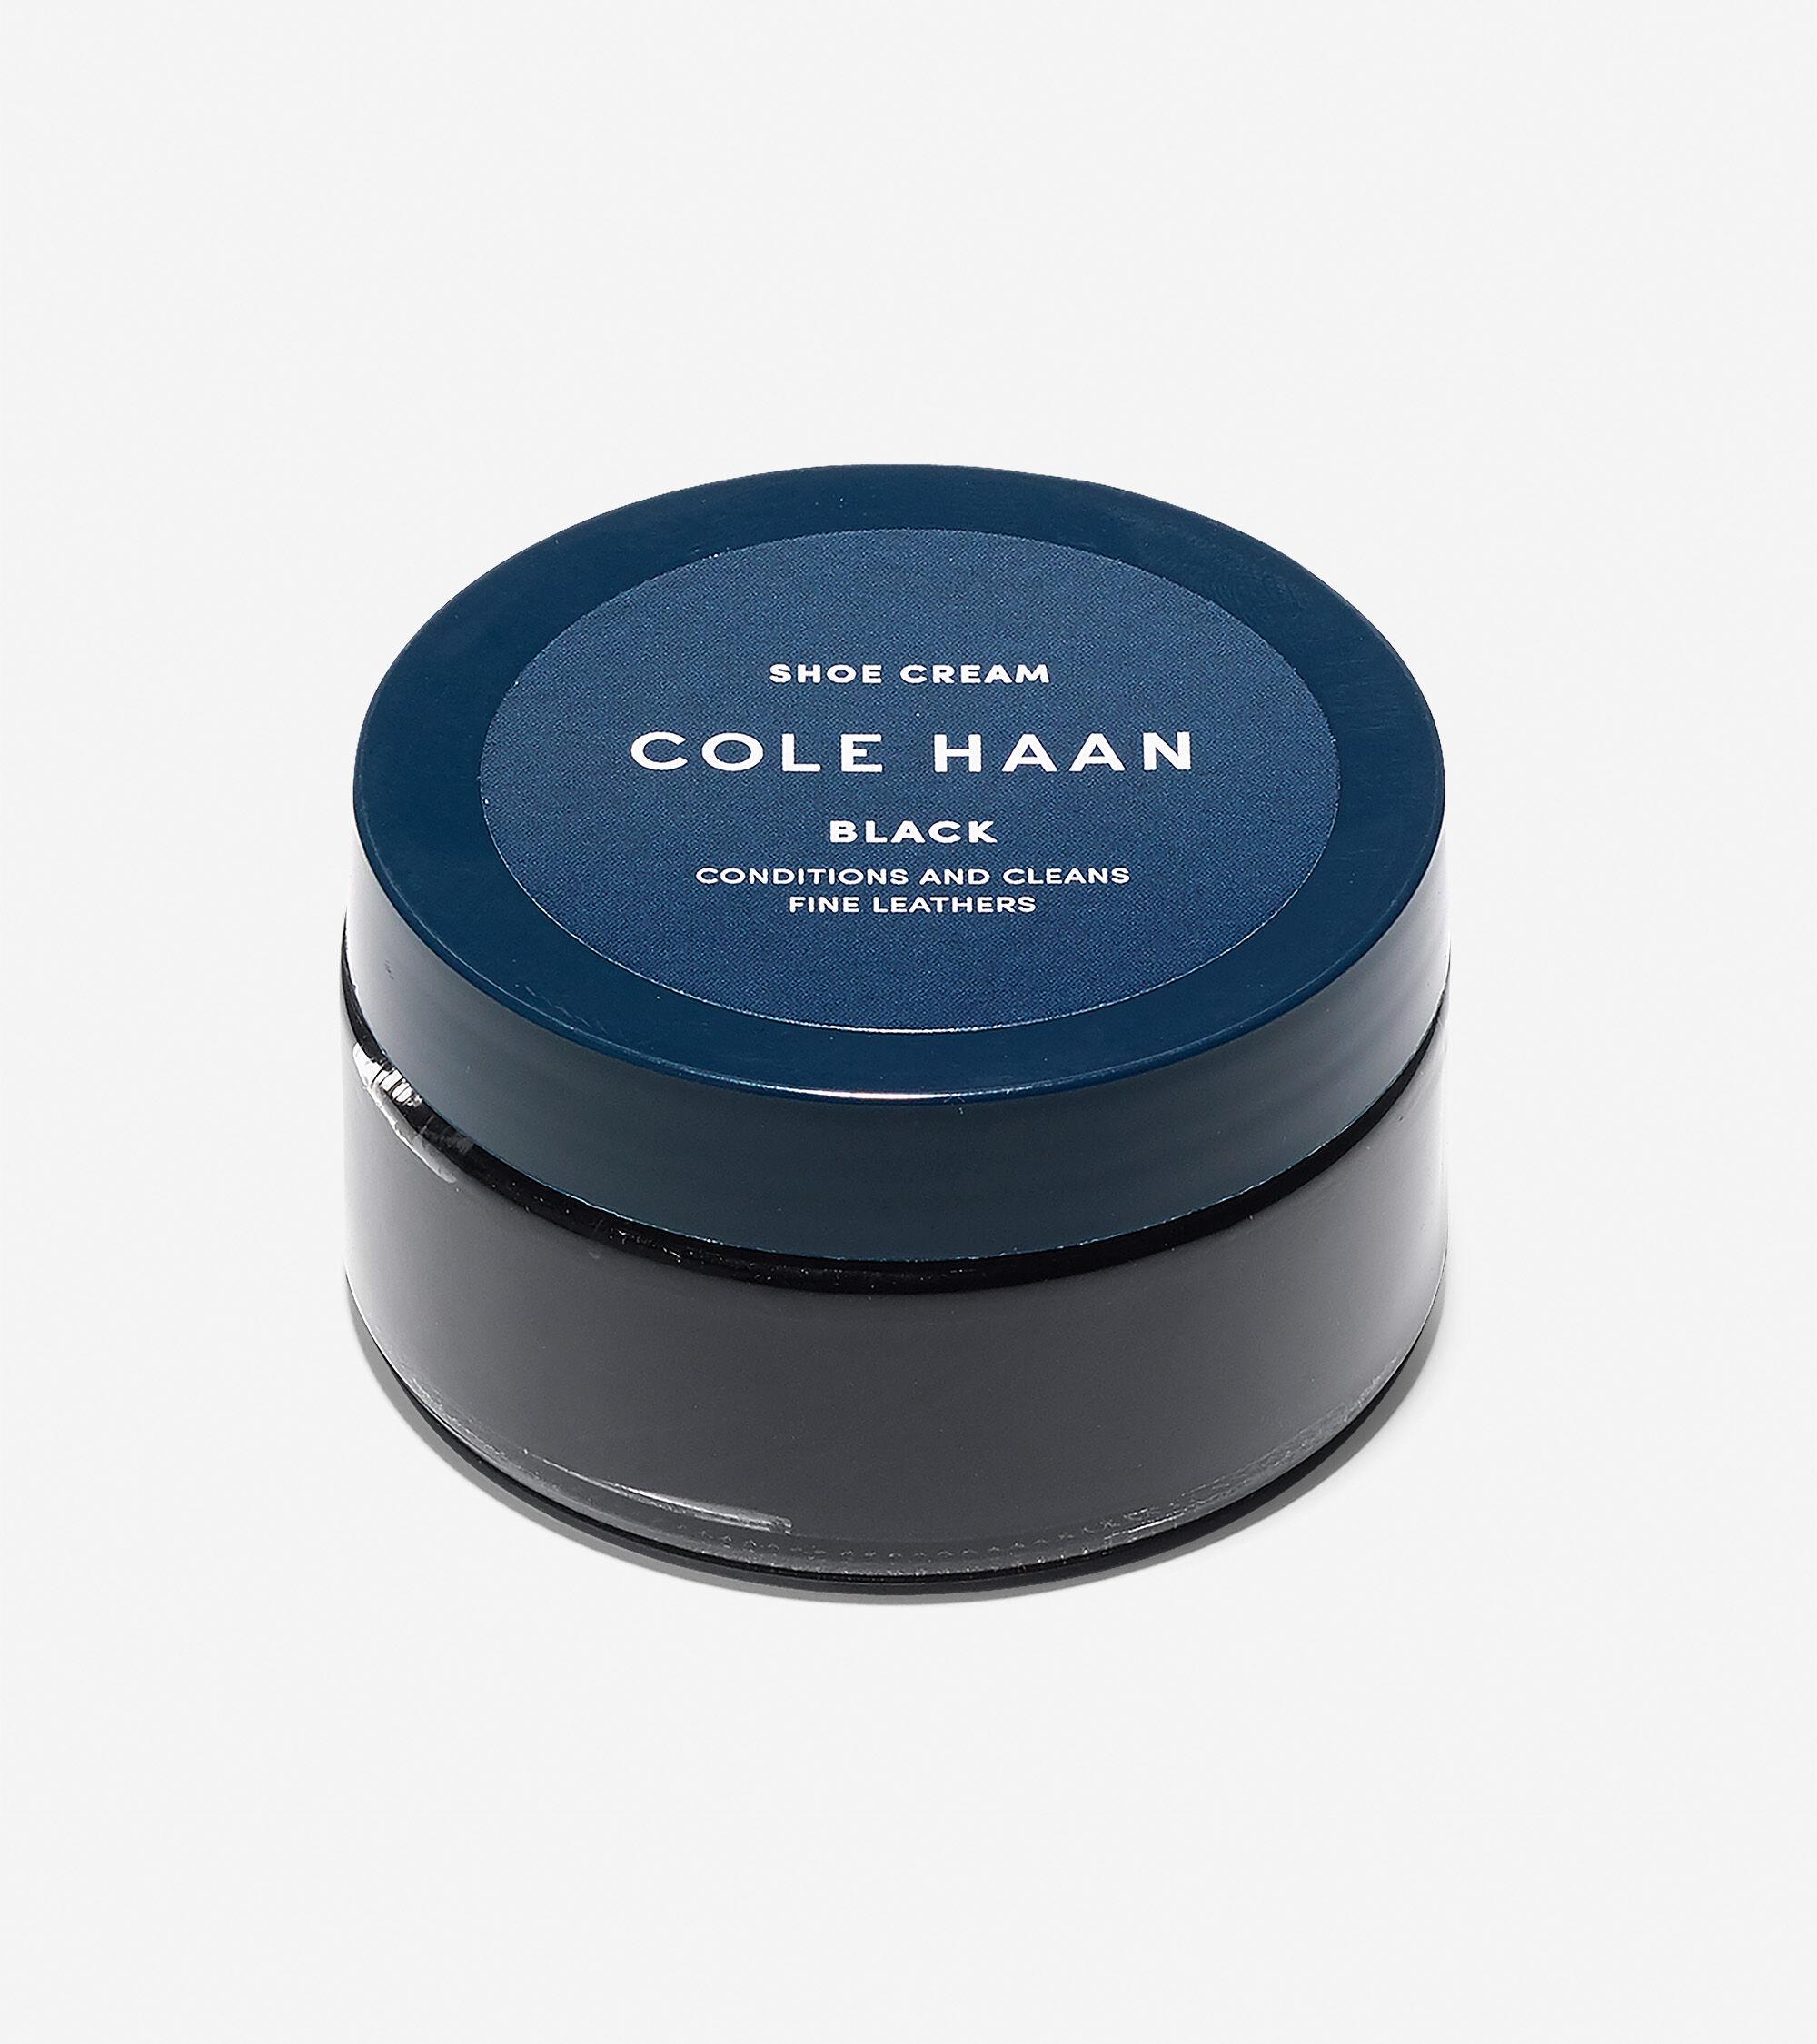 Men's Shoe Cream in Black | Cole Haan